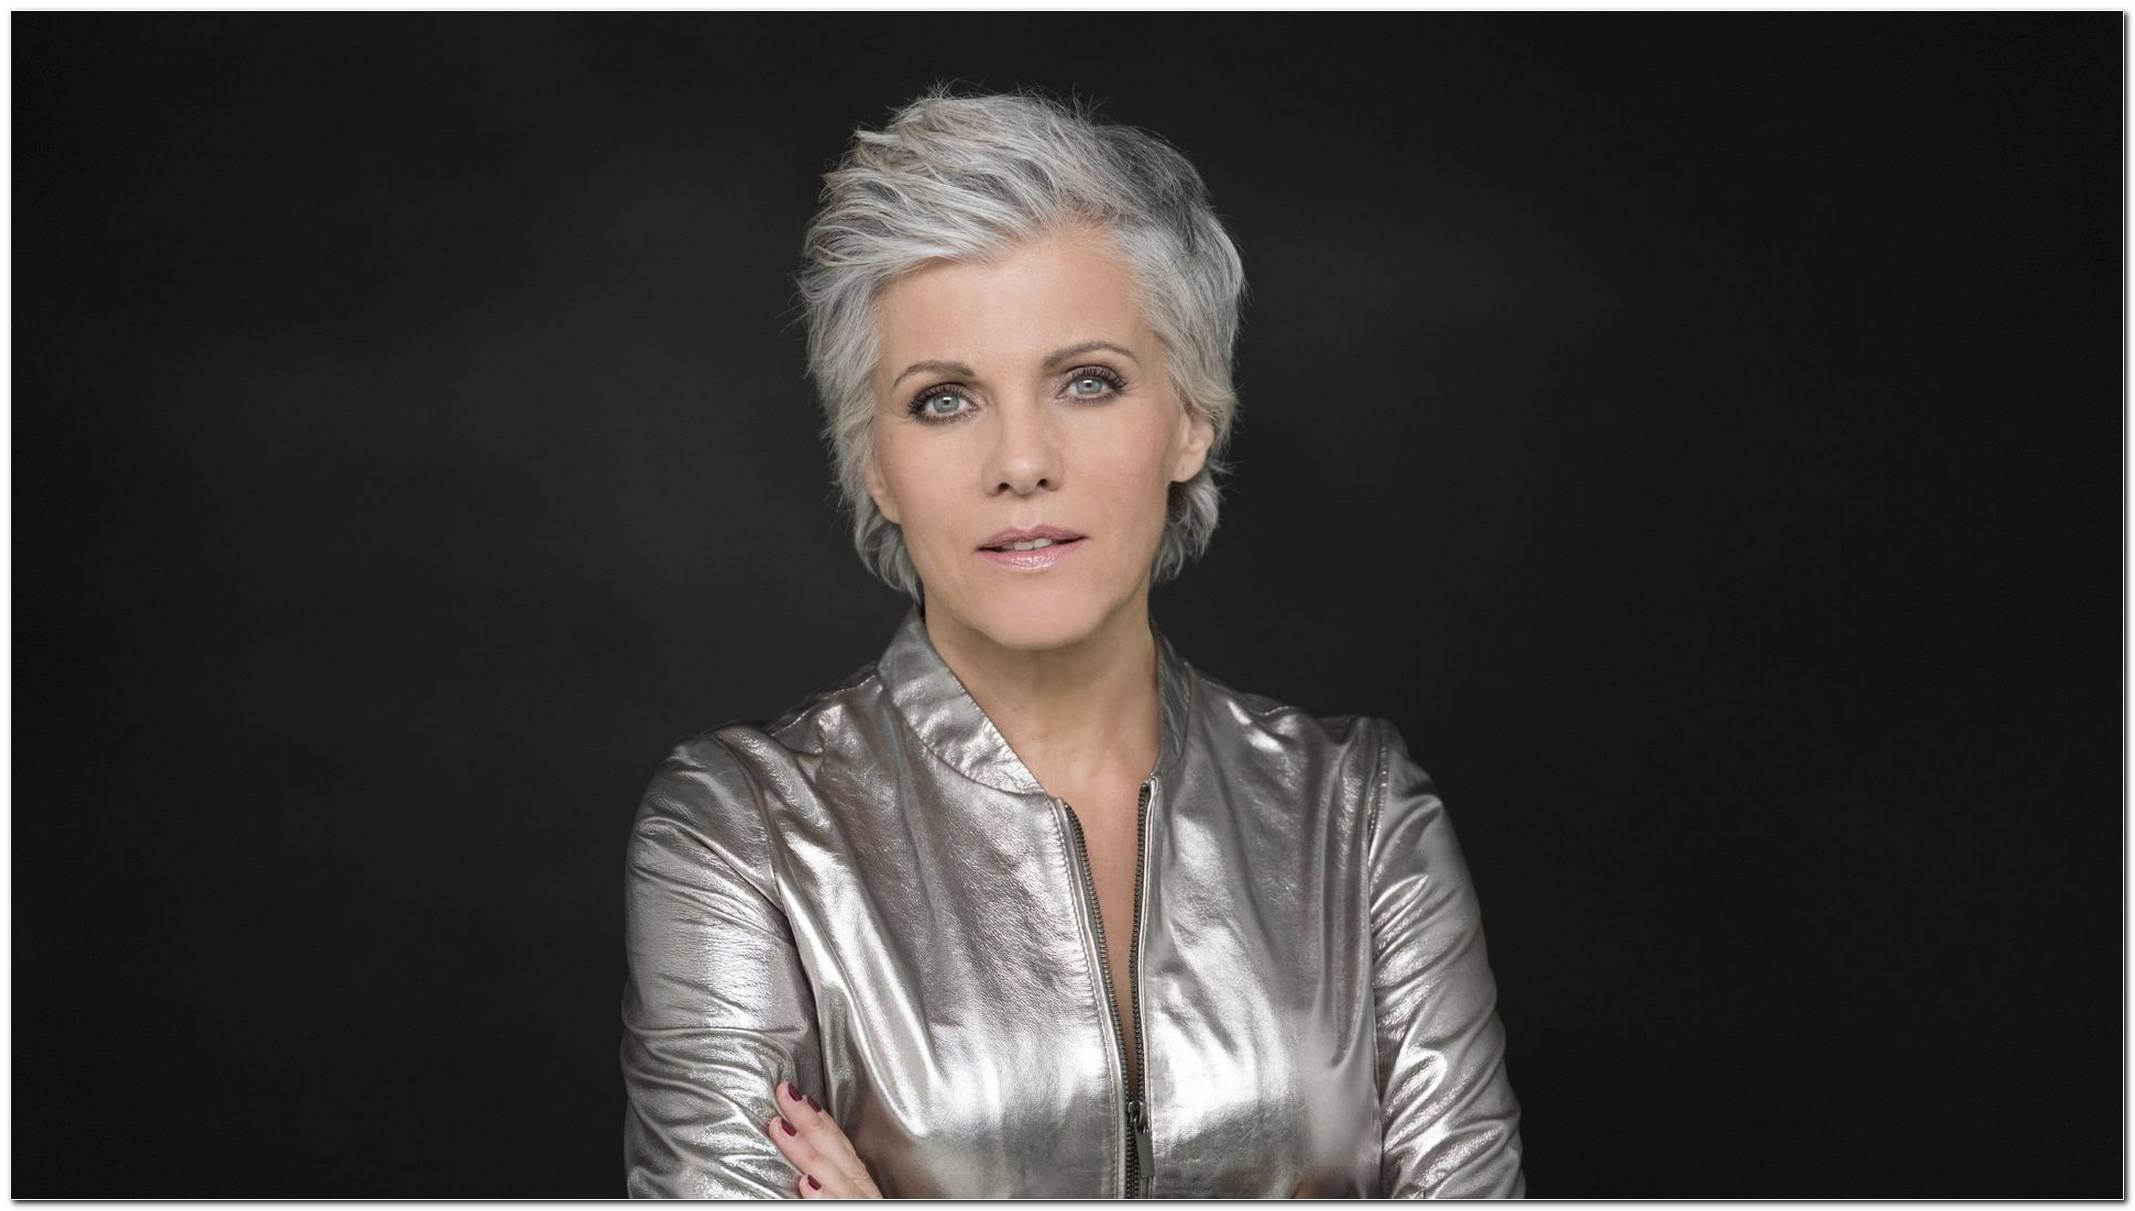 Birgit Strohwange Neue Frisur